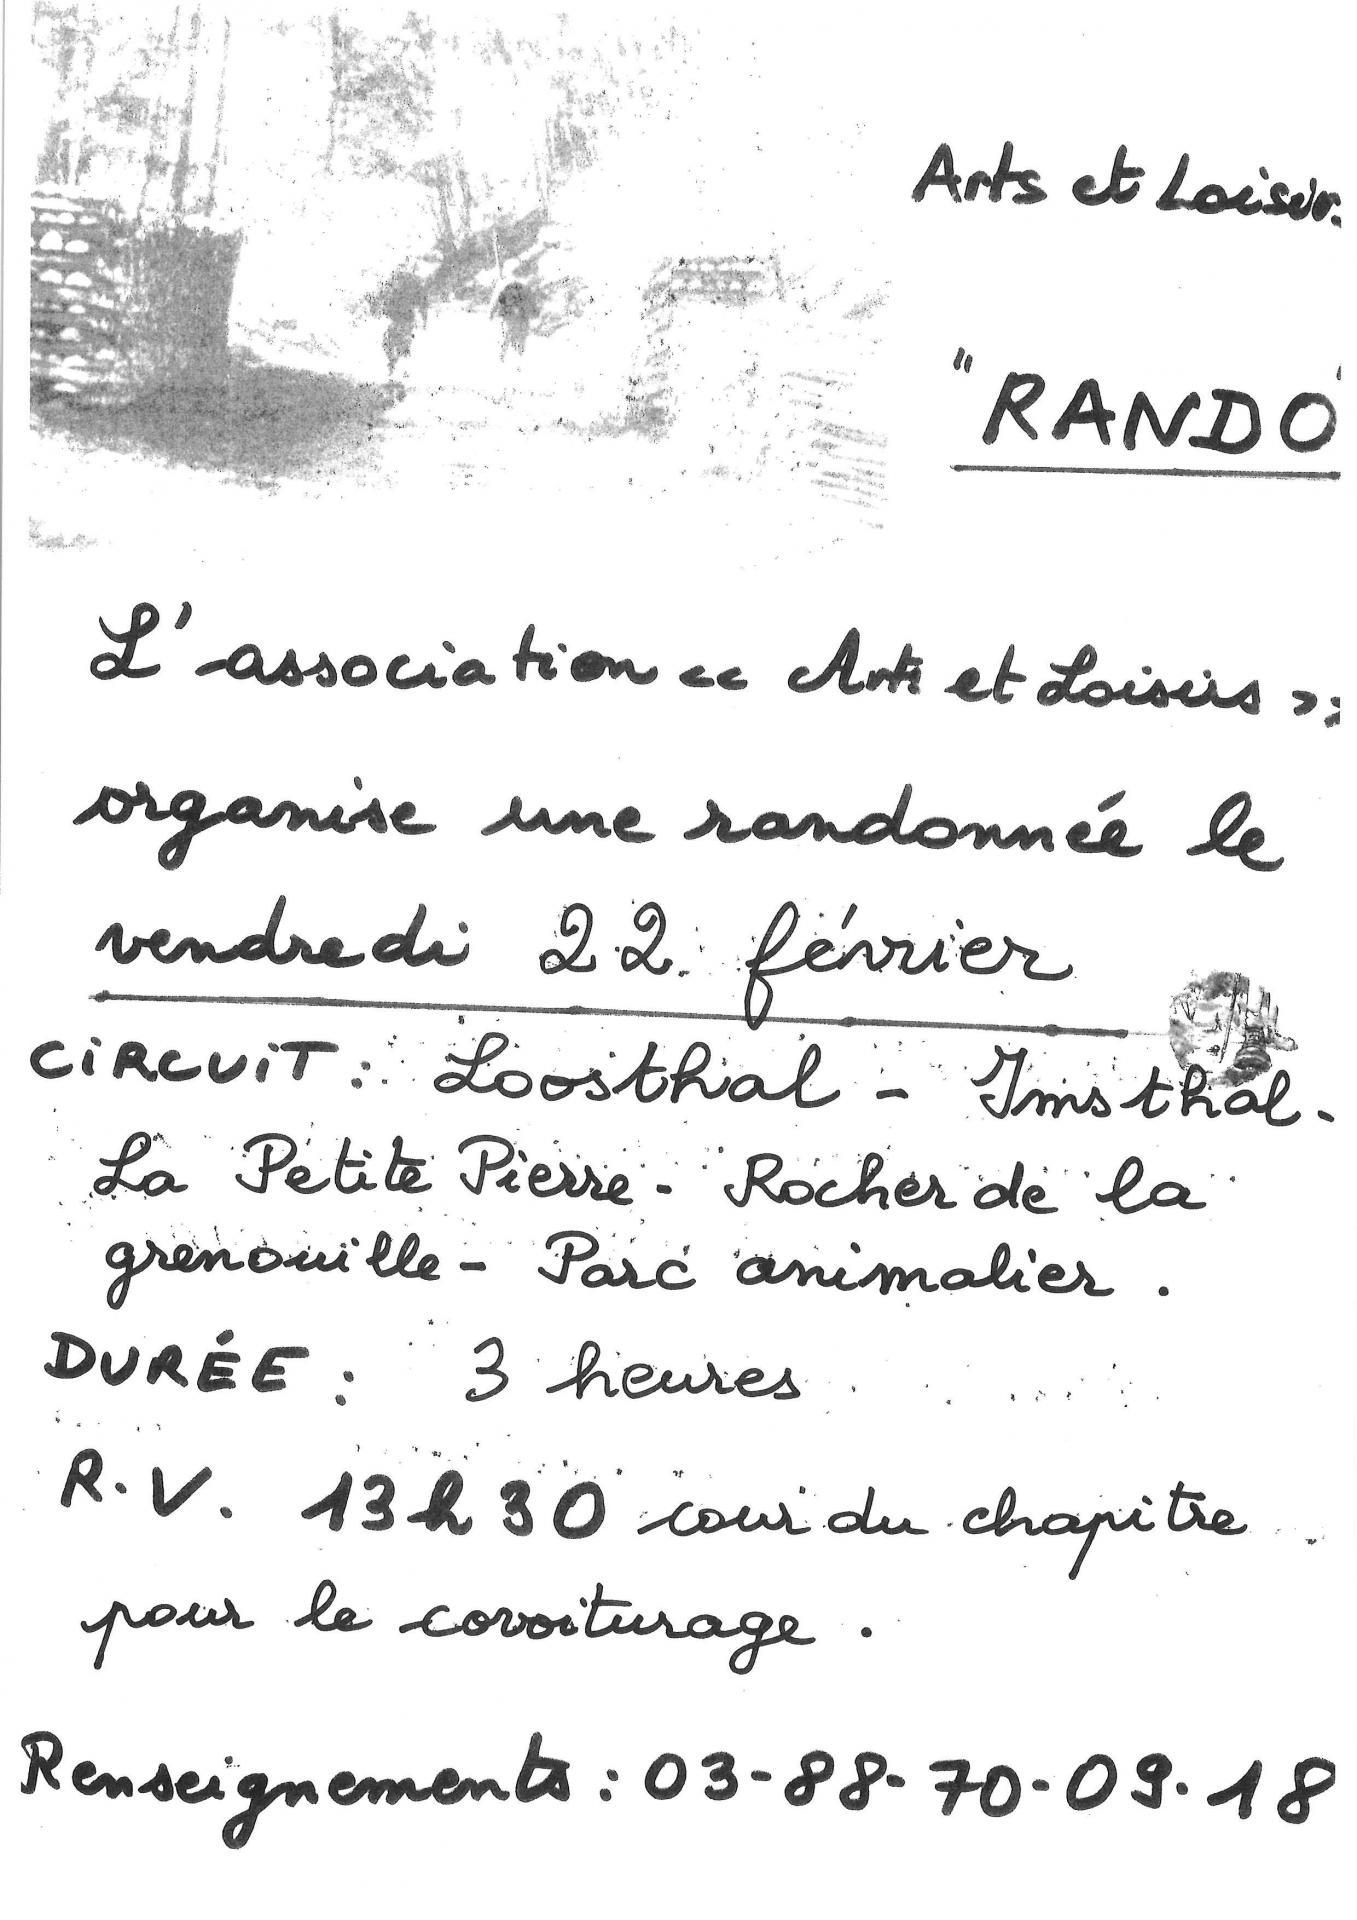 Rando22 02 19